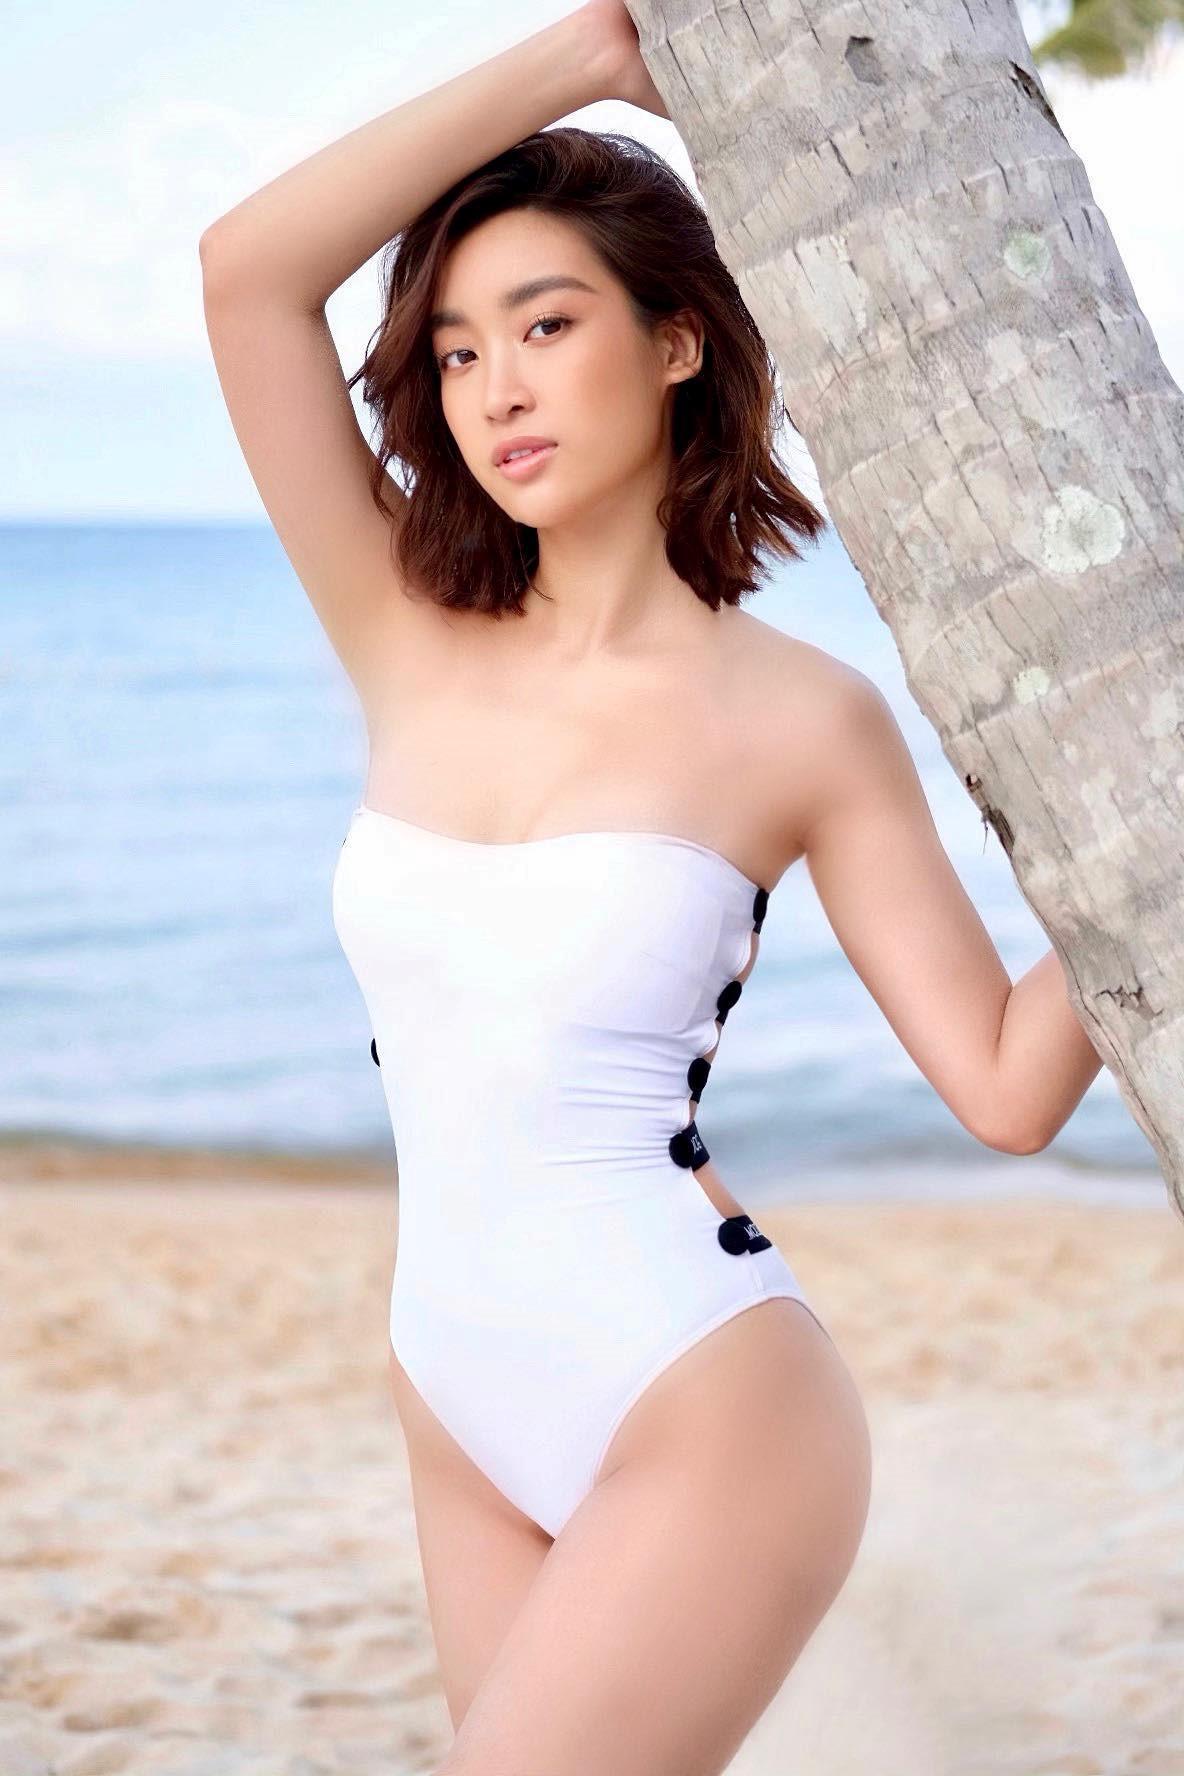 Hoa hậu Đỗ Mỹ Linh khoe vóc dáng gợi cảm với đồ bơi Ảnh 2